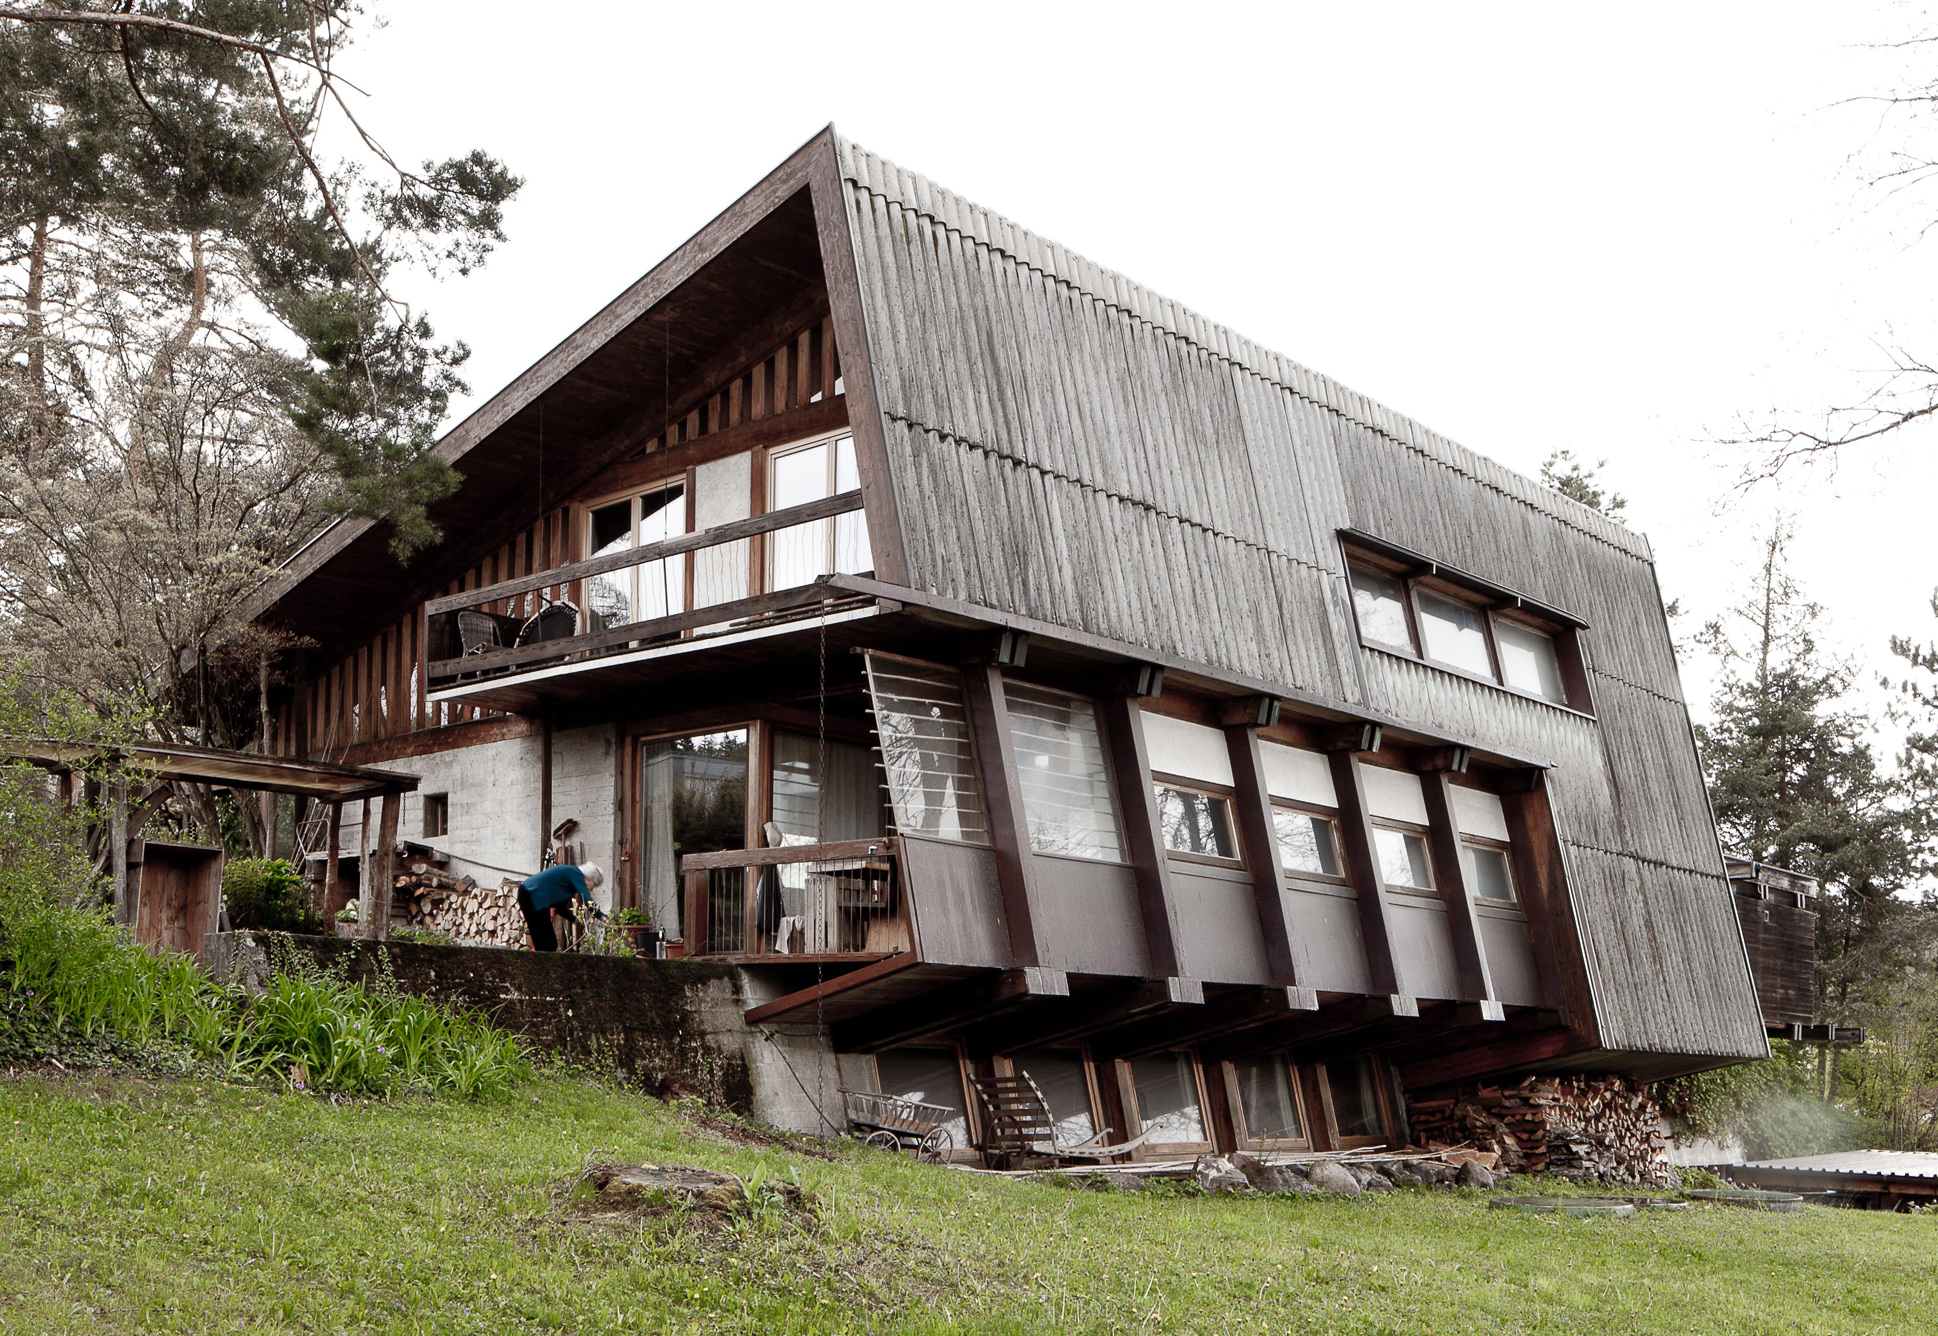 Wohn- und Atelierhaus in Gockhausen, 1957-59,